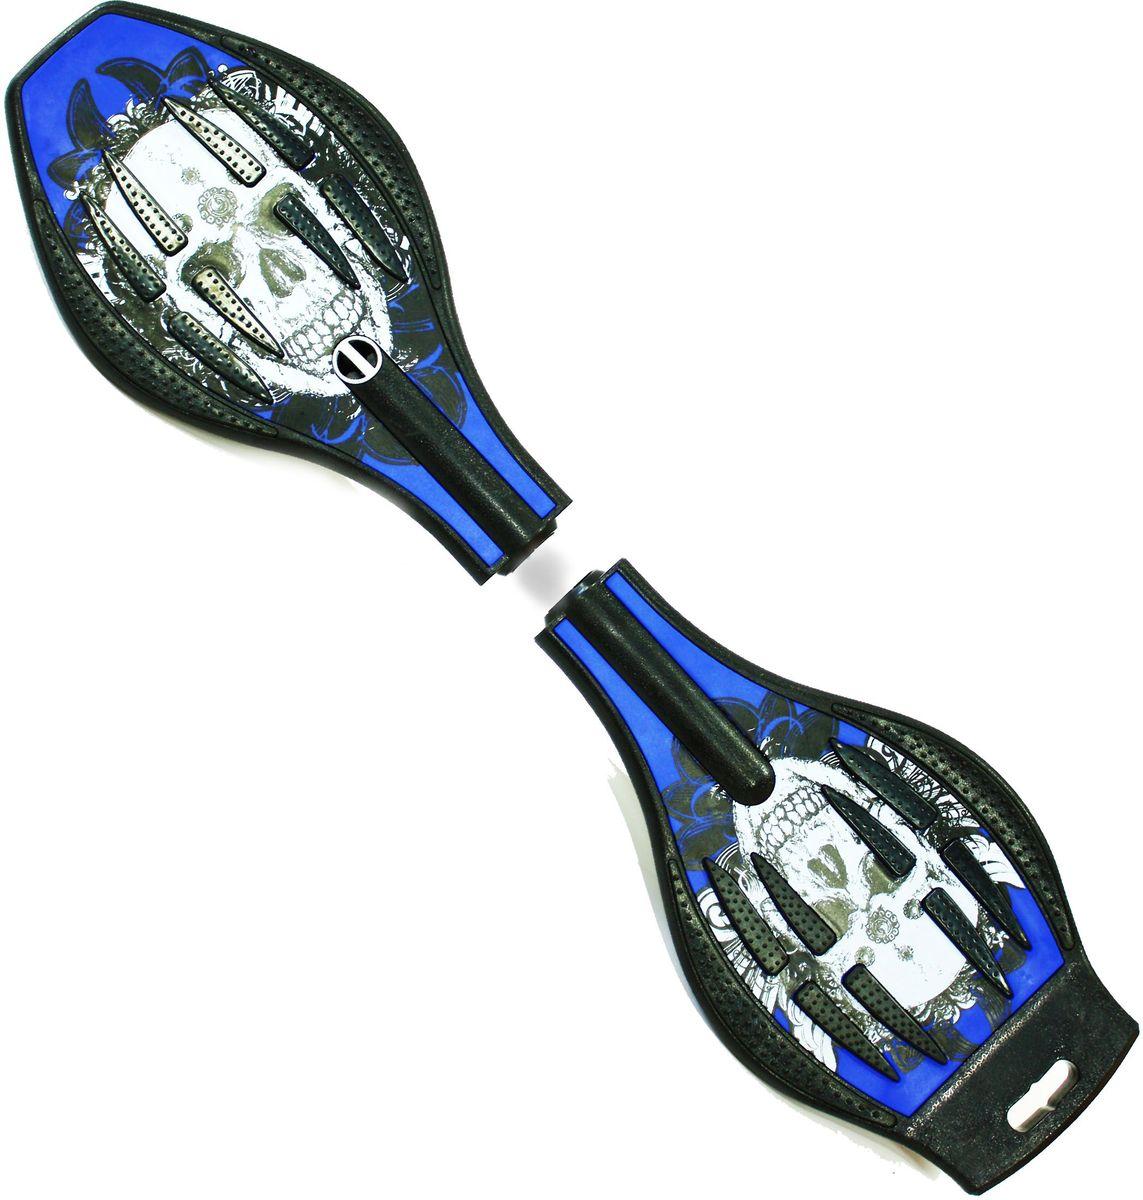 Роллерсерф Dragon Board Calavera, цвет: синий, черныйво2228Роллерсерф Dragon Board Calavera - это уникальный скейтборд на двух колесах. Полиуретановые колеса на высокоскоростных подшипниках позволяют быстро разогнаться и катиться долгое время без остановок. Подшипники крутятся легко и без усилий. Колеса скейтборда выполнены из прочного полиуретана и вращаются на 360°. Легкая и прочная пластиковая платформа со специальным противоскользящим покрытием состоит из двух частей, прочно соединенных стальной торсионной пружиной. Роллерсерф предусмотрен для пользователей в возрасте от 5 лет и рассчитан на вес до 70 кг. Быстрый и маневренный роллерсерф Waveboard - это желаемый подарок для каждого ребенка.